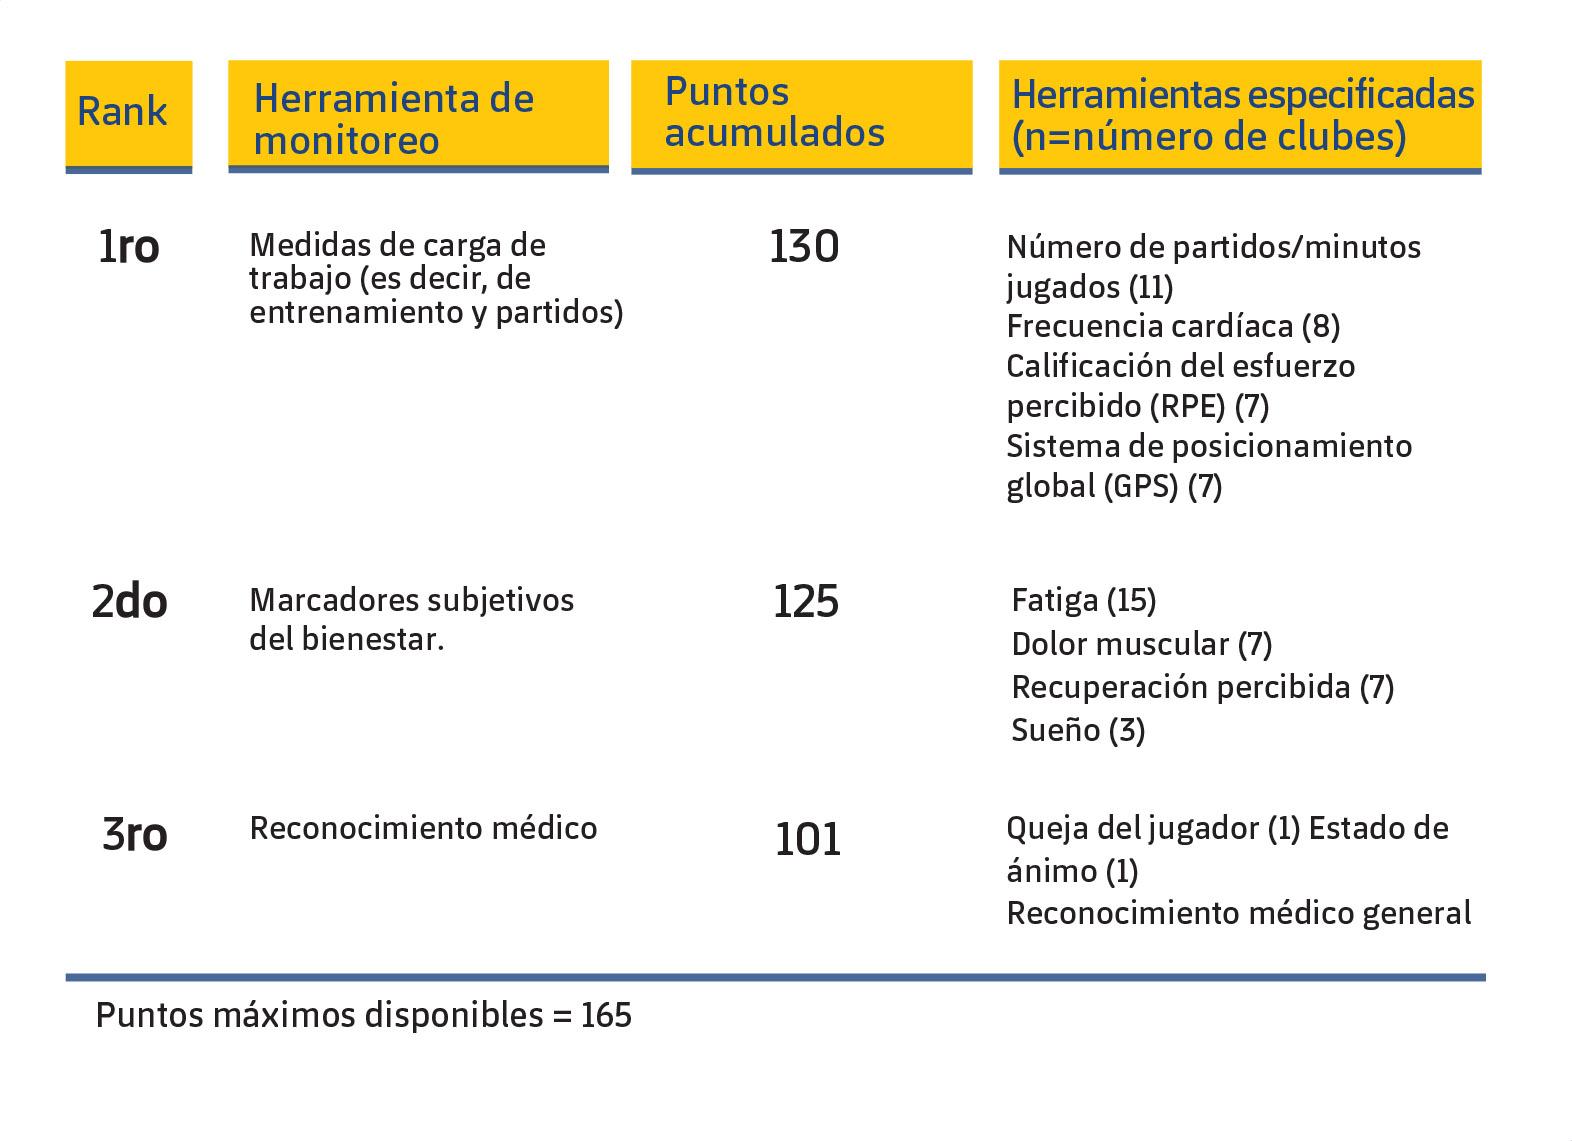 Figura 1. Las tres herramientas de monitorización más utilizadas por los equipos UEFA Elite Club para la valoración del riesgo de lesión en sus jugadores (McCall et al., 2016).